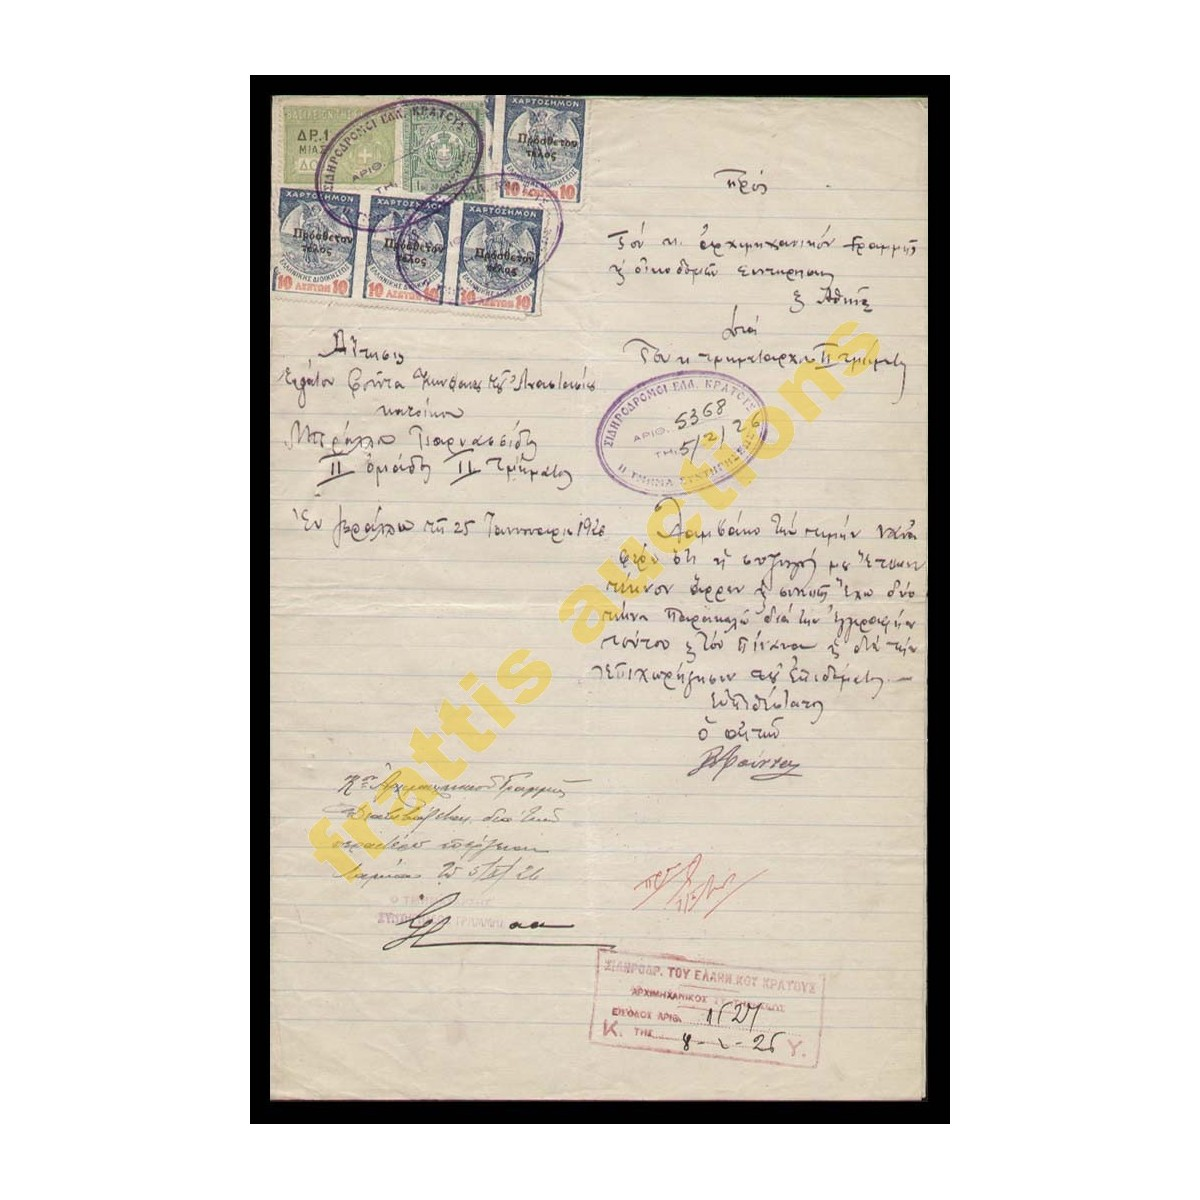 Αίτηση χορήγησης επιδόματος τέκνων. Μπράλλος 1926.